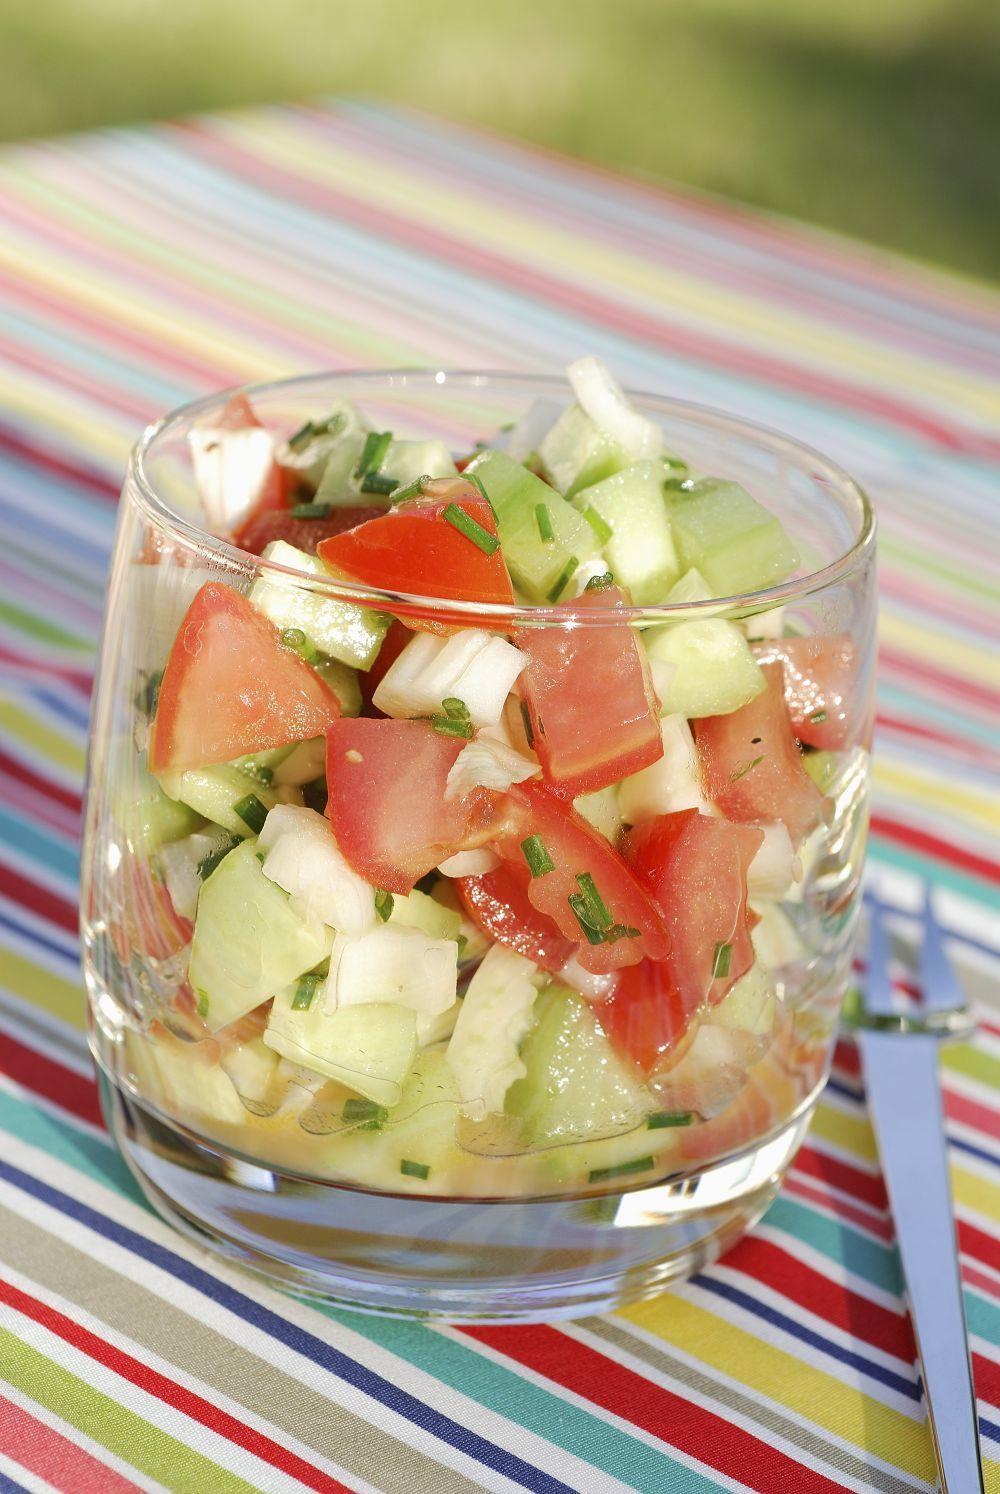 Ensalada gazpachera con hierbas frescas